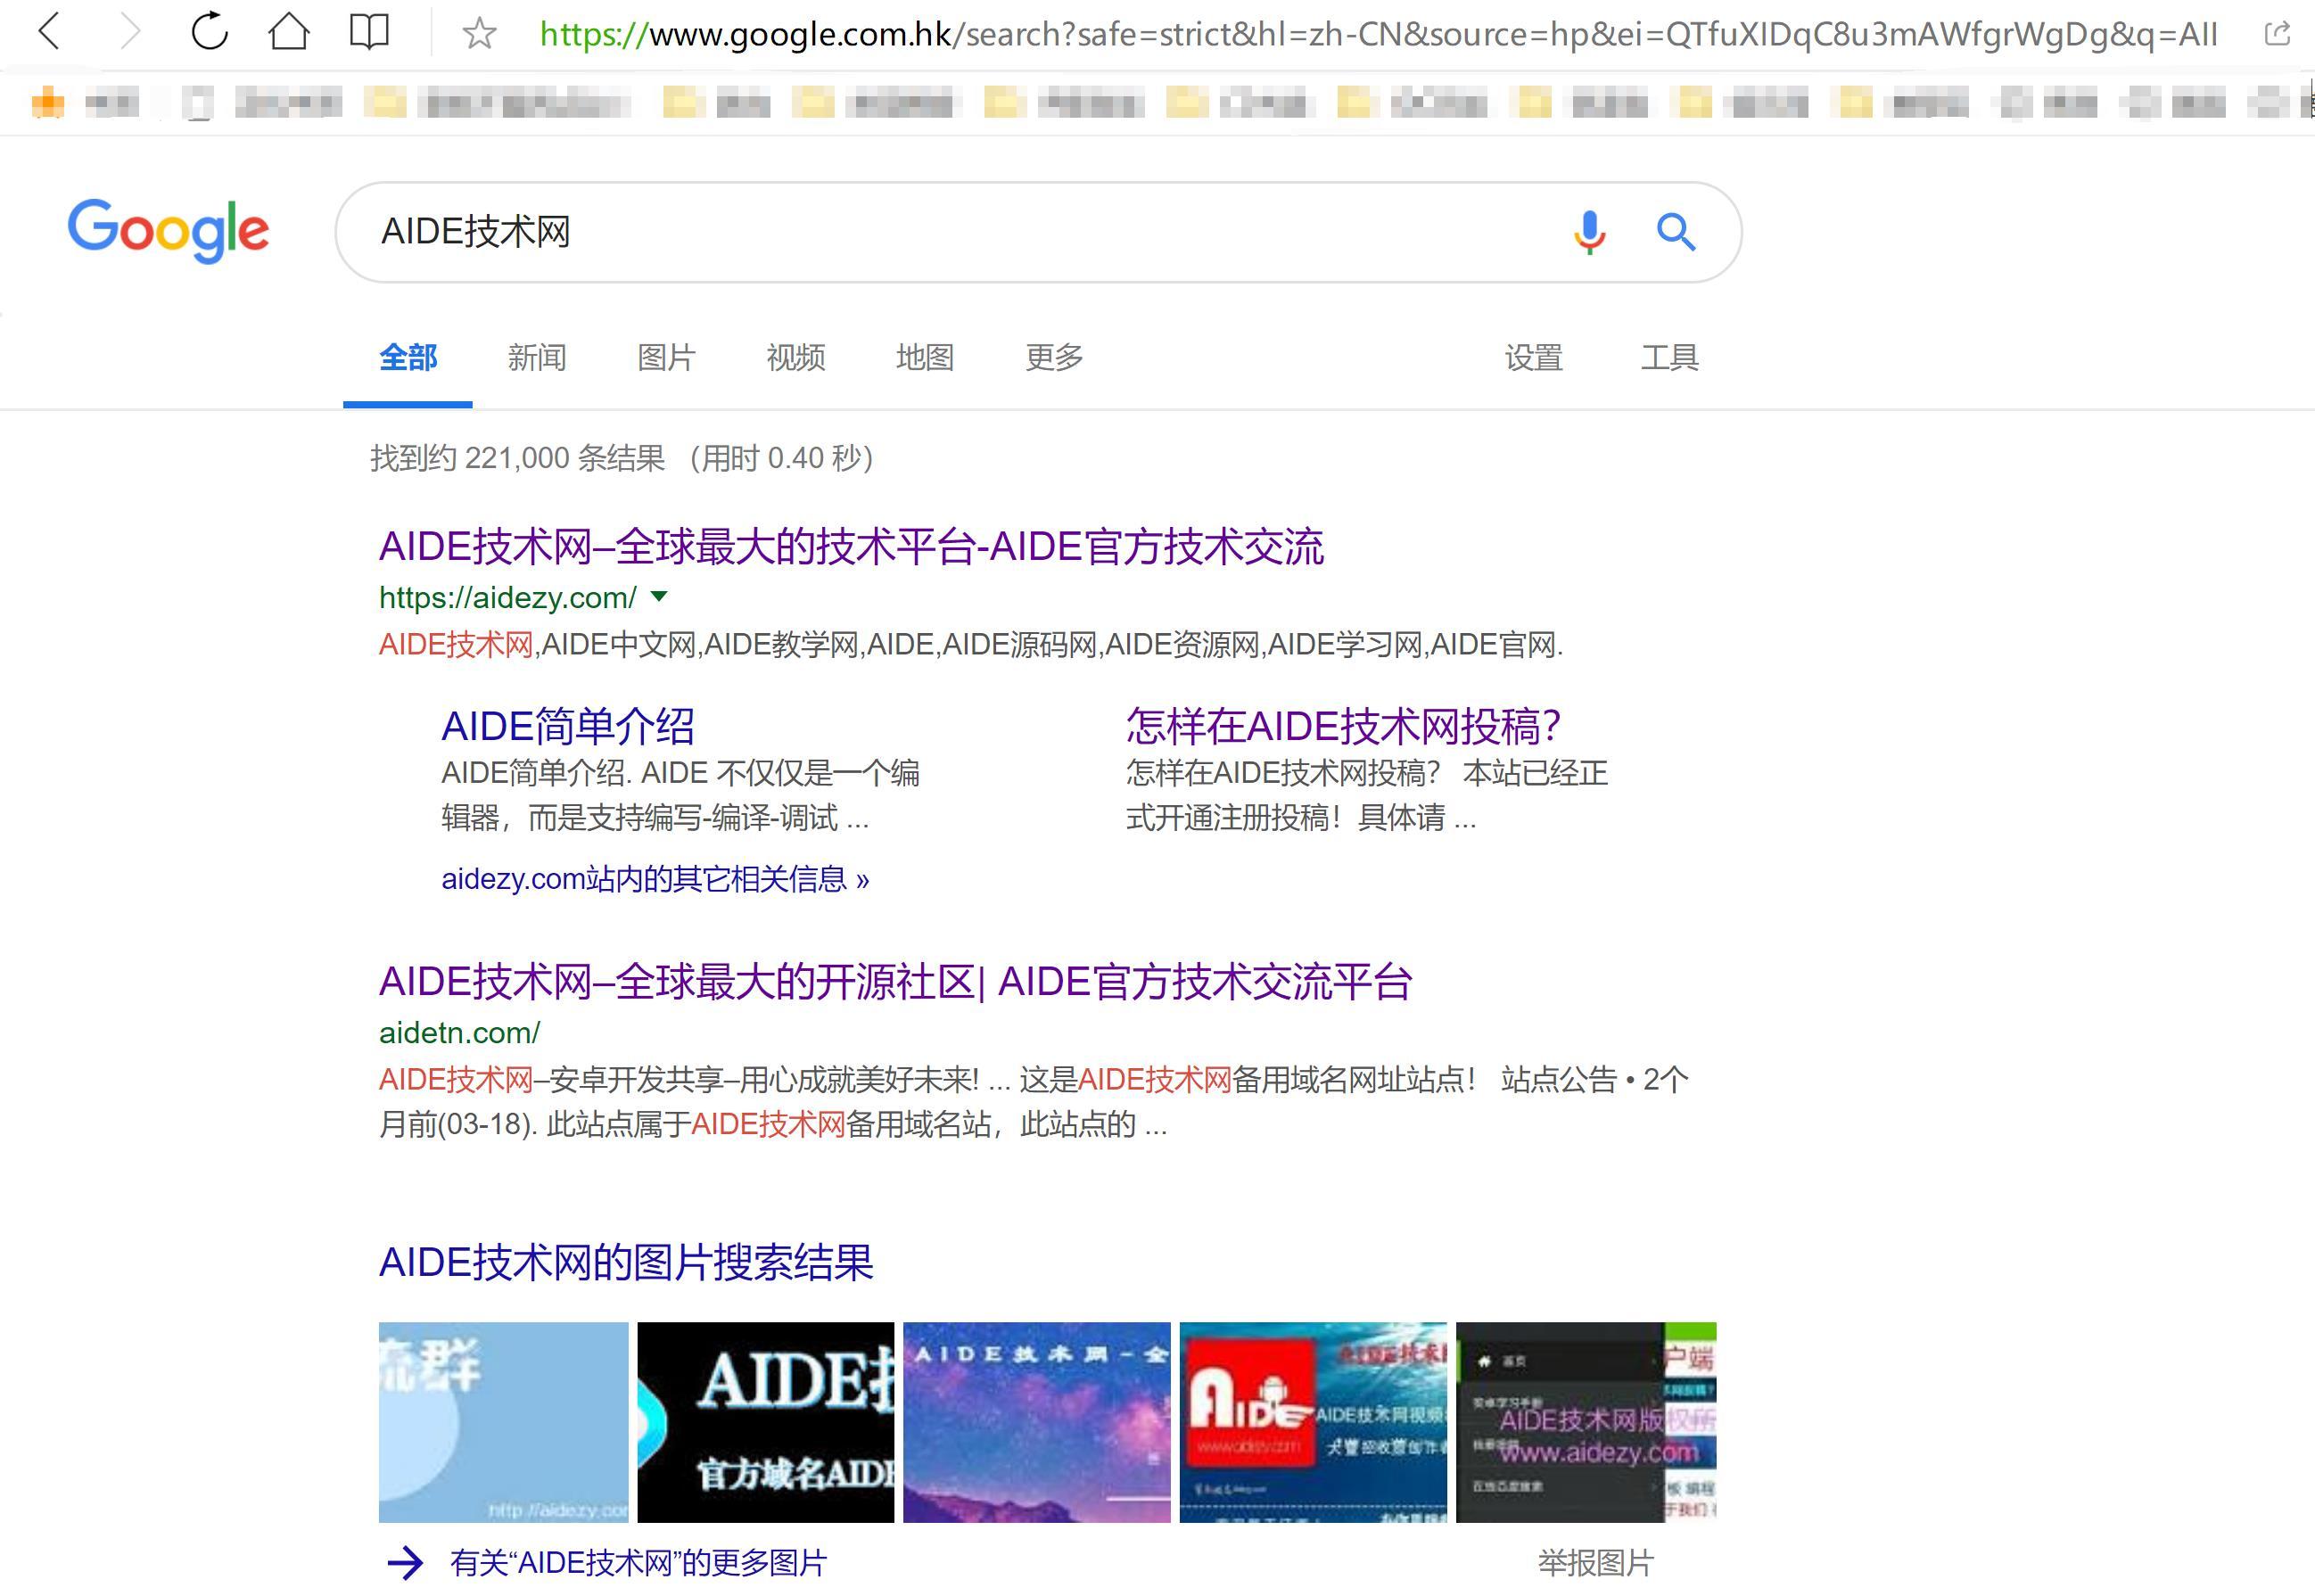 福利分享电脑端免费永久VPN境外上网教程 上谷歌